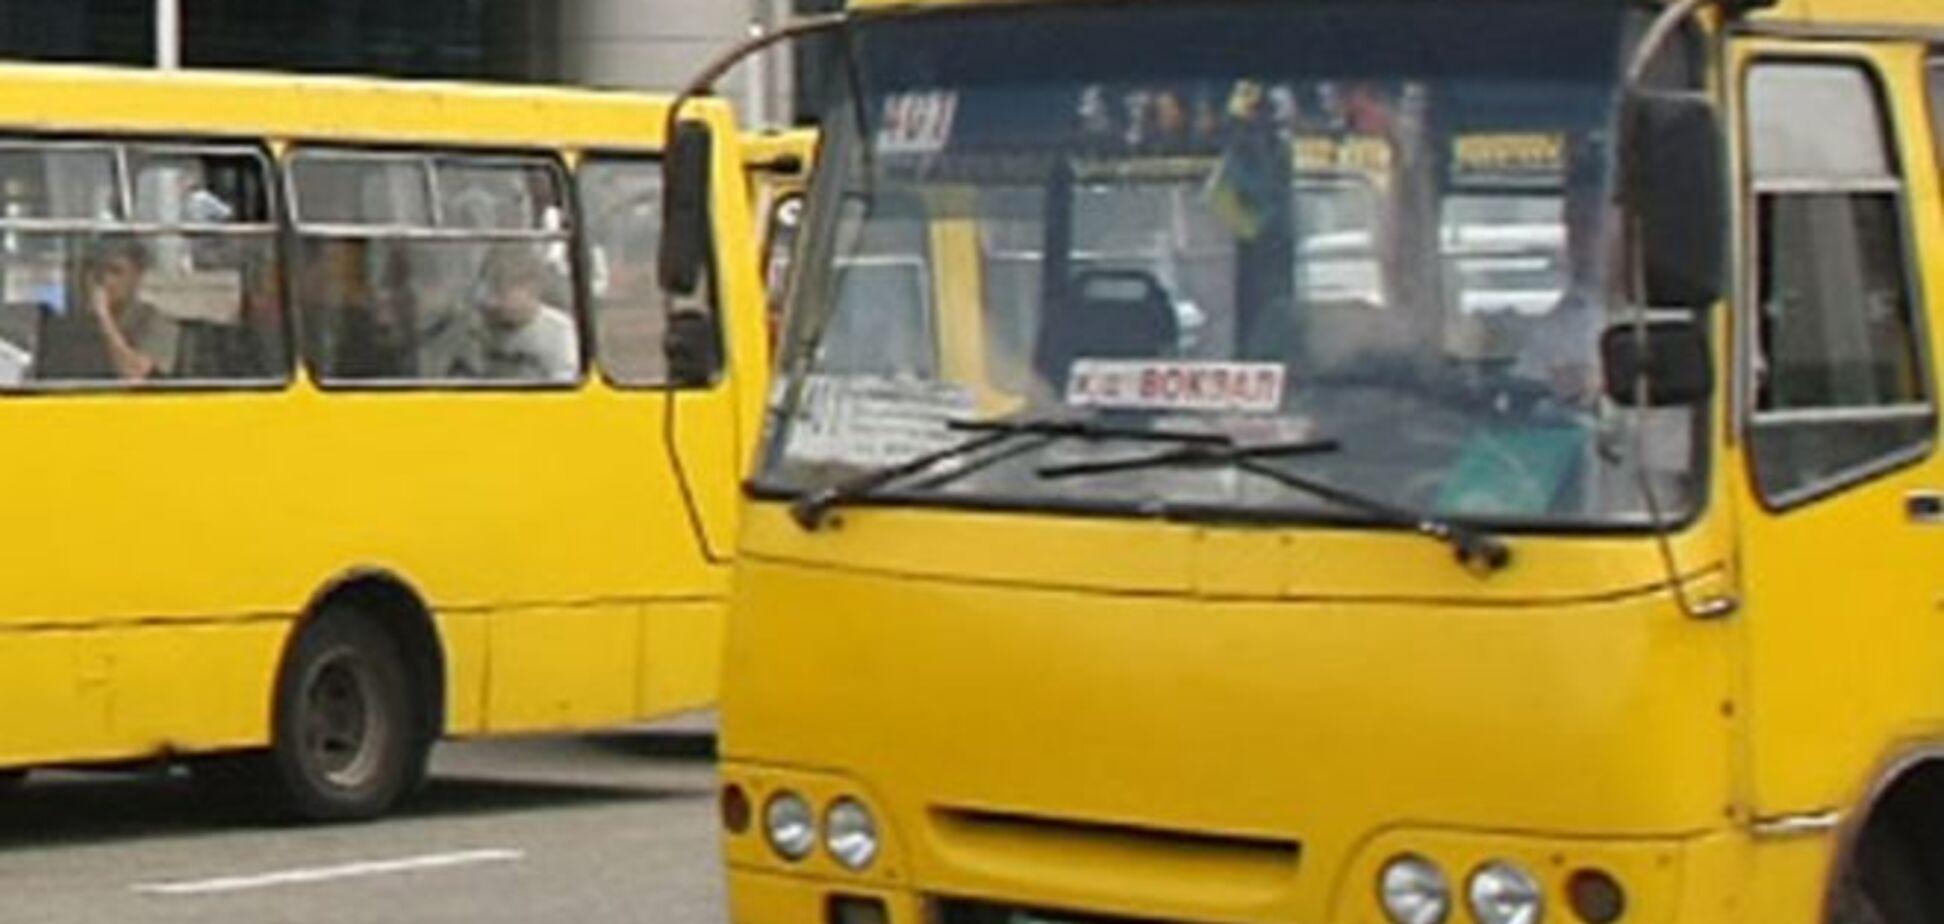 Київські маршрутки: що буде з цінами на проїзд